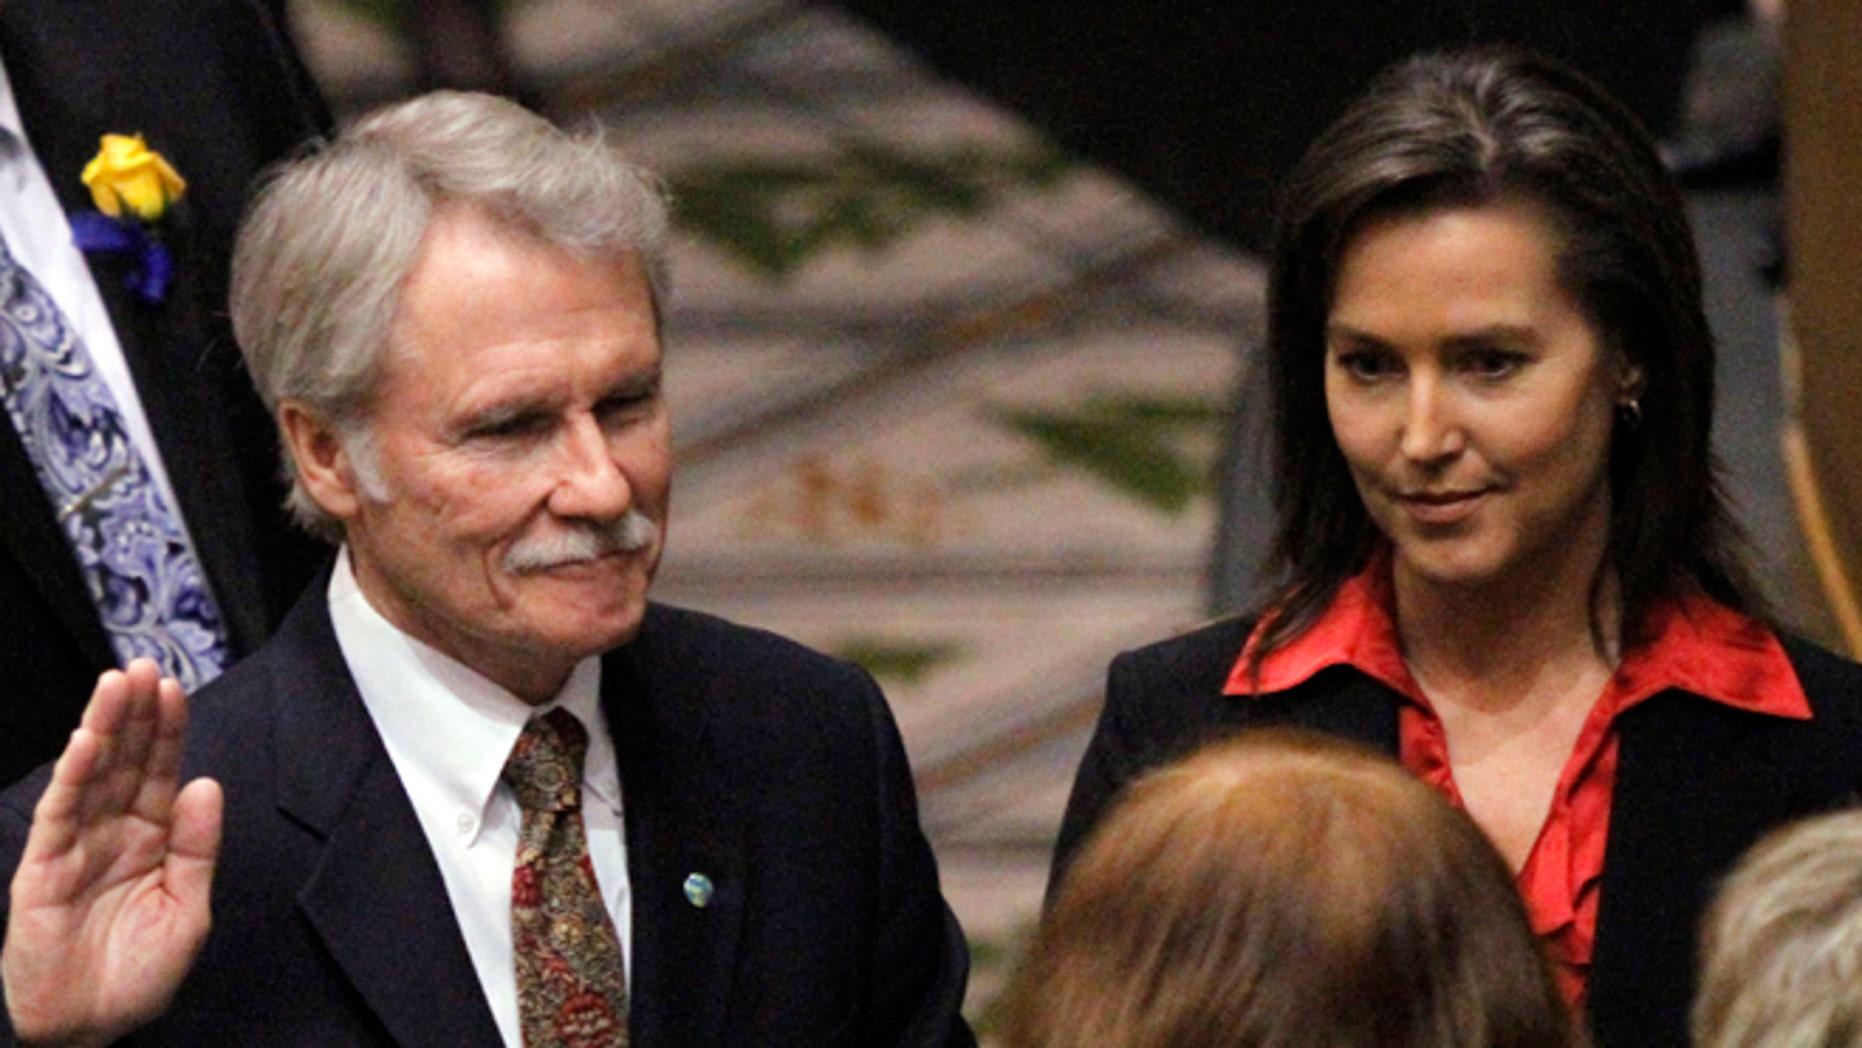 FILE: Jan. 10, 2011: Oregon Gov. John Kitzhaber, Democrat, is sworn in with financee Cylvia Hayes at his side. Salem, Oregon.